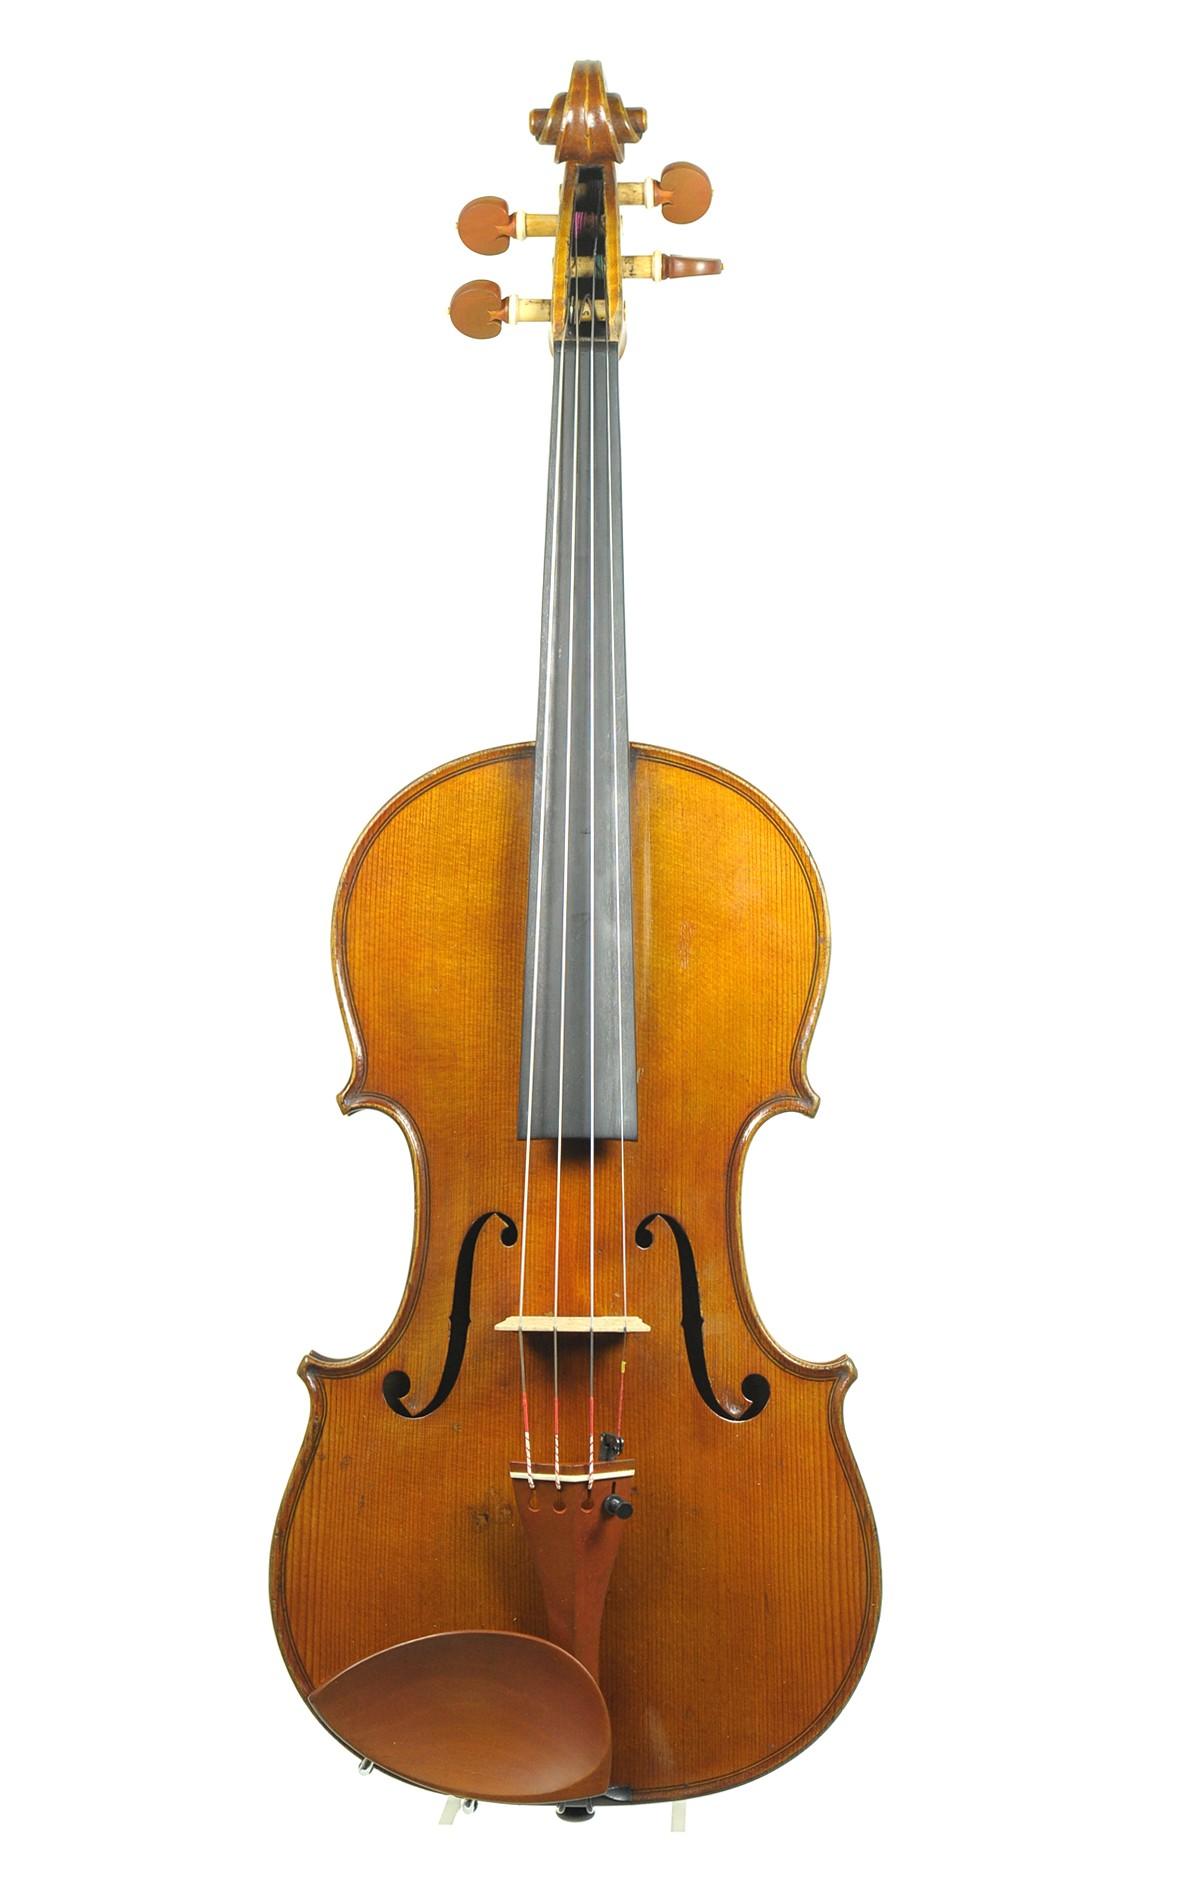 German-English violin, Arnold Voigt, approx. 1890 - top